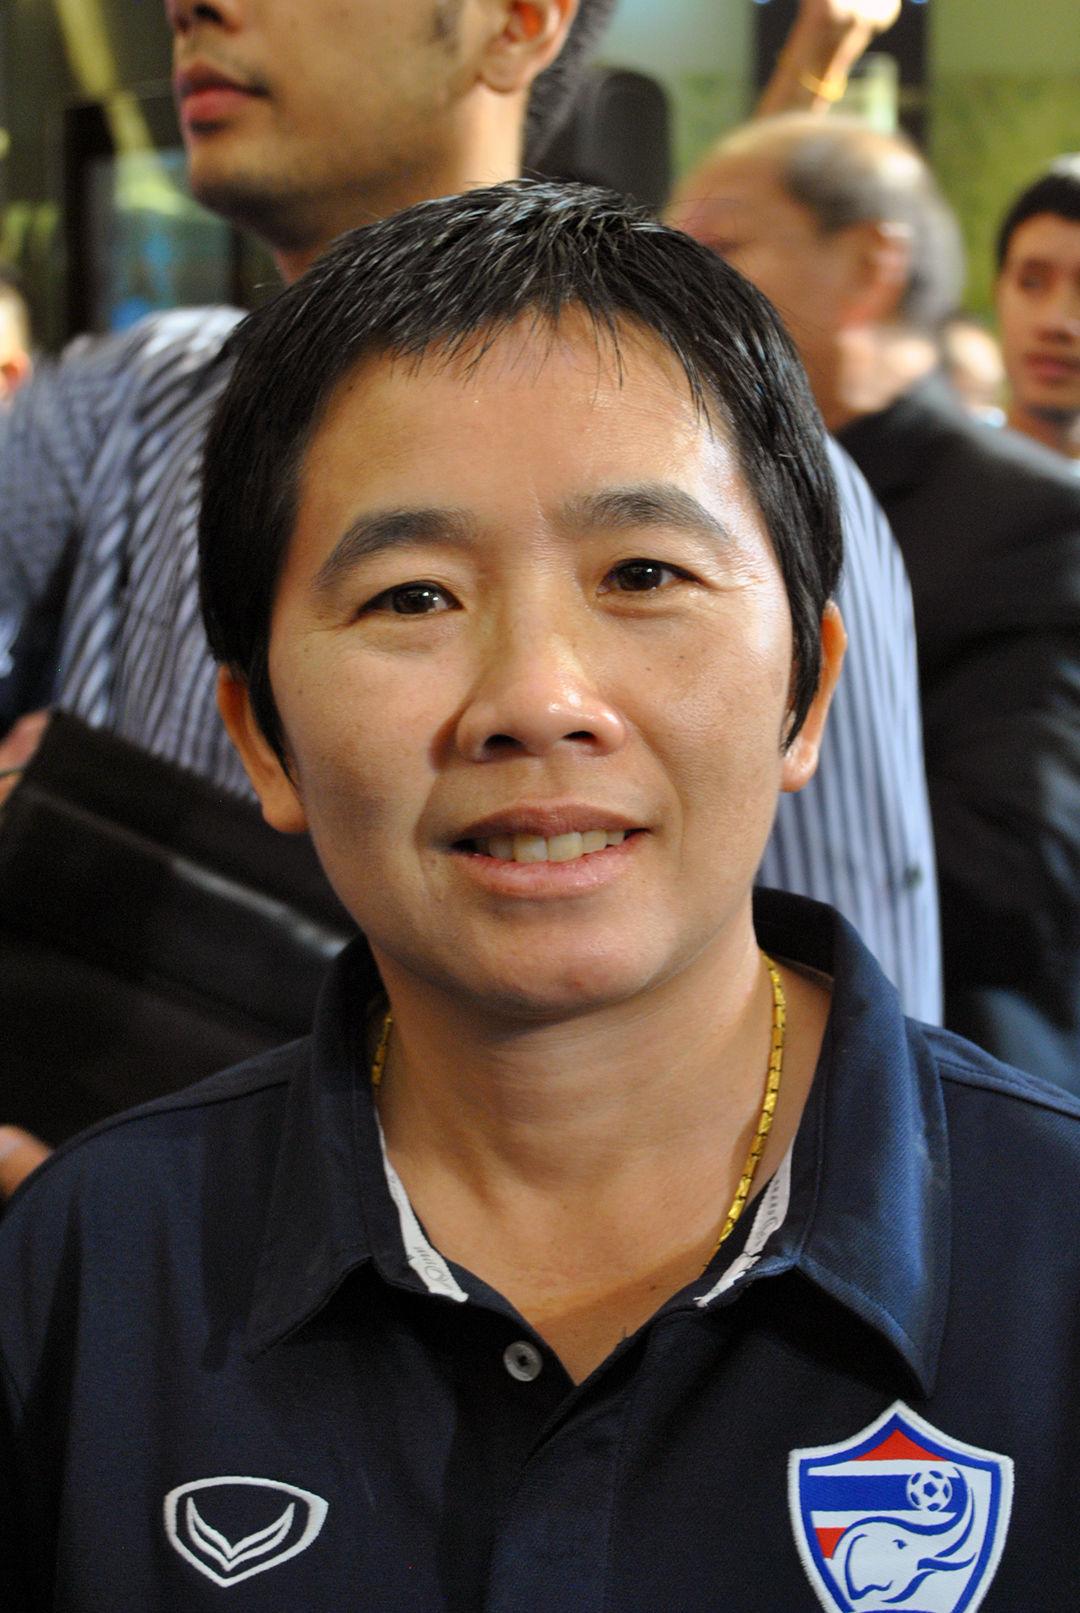 sathongwien mug 6-11